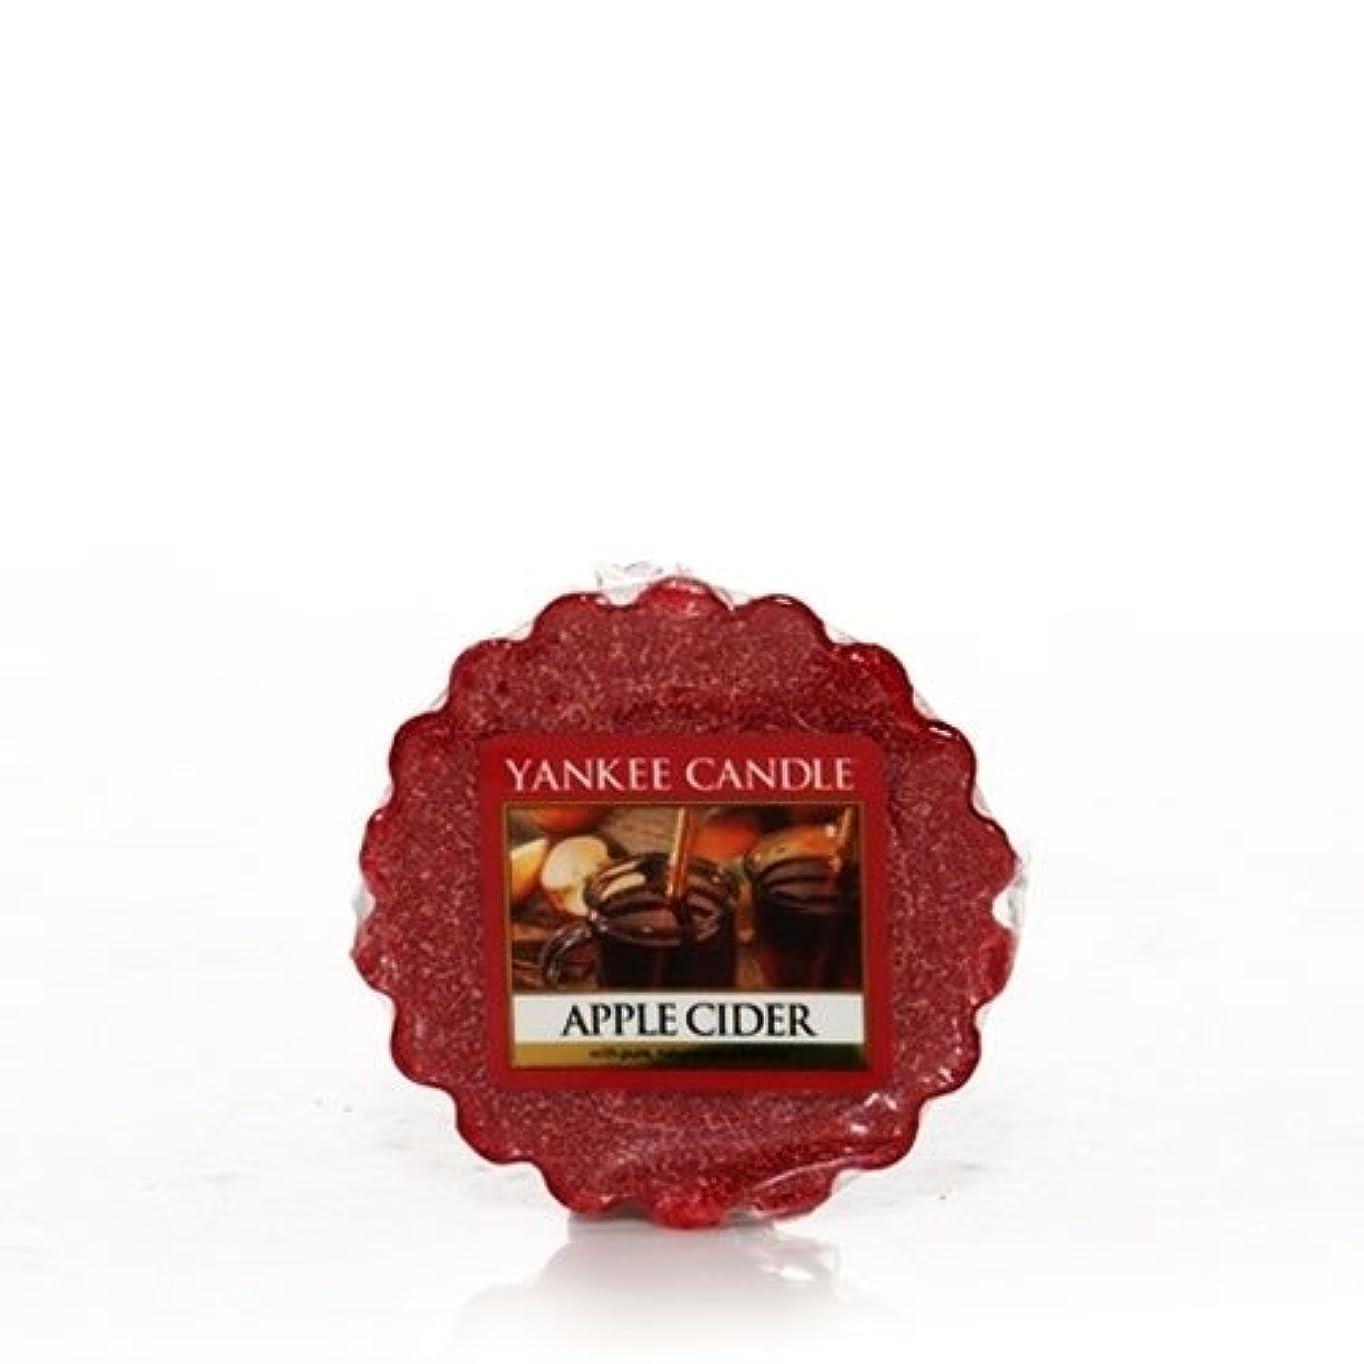 医師サーバントマグYankee Candle Apple Cider, Food & Spice香り Tarts wax melts 1187886-YC